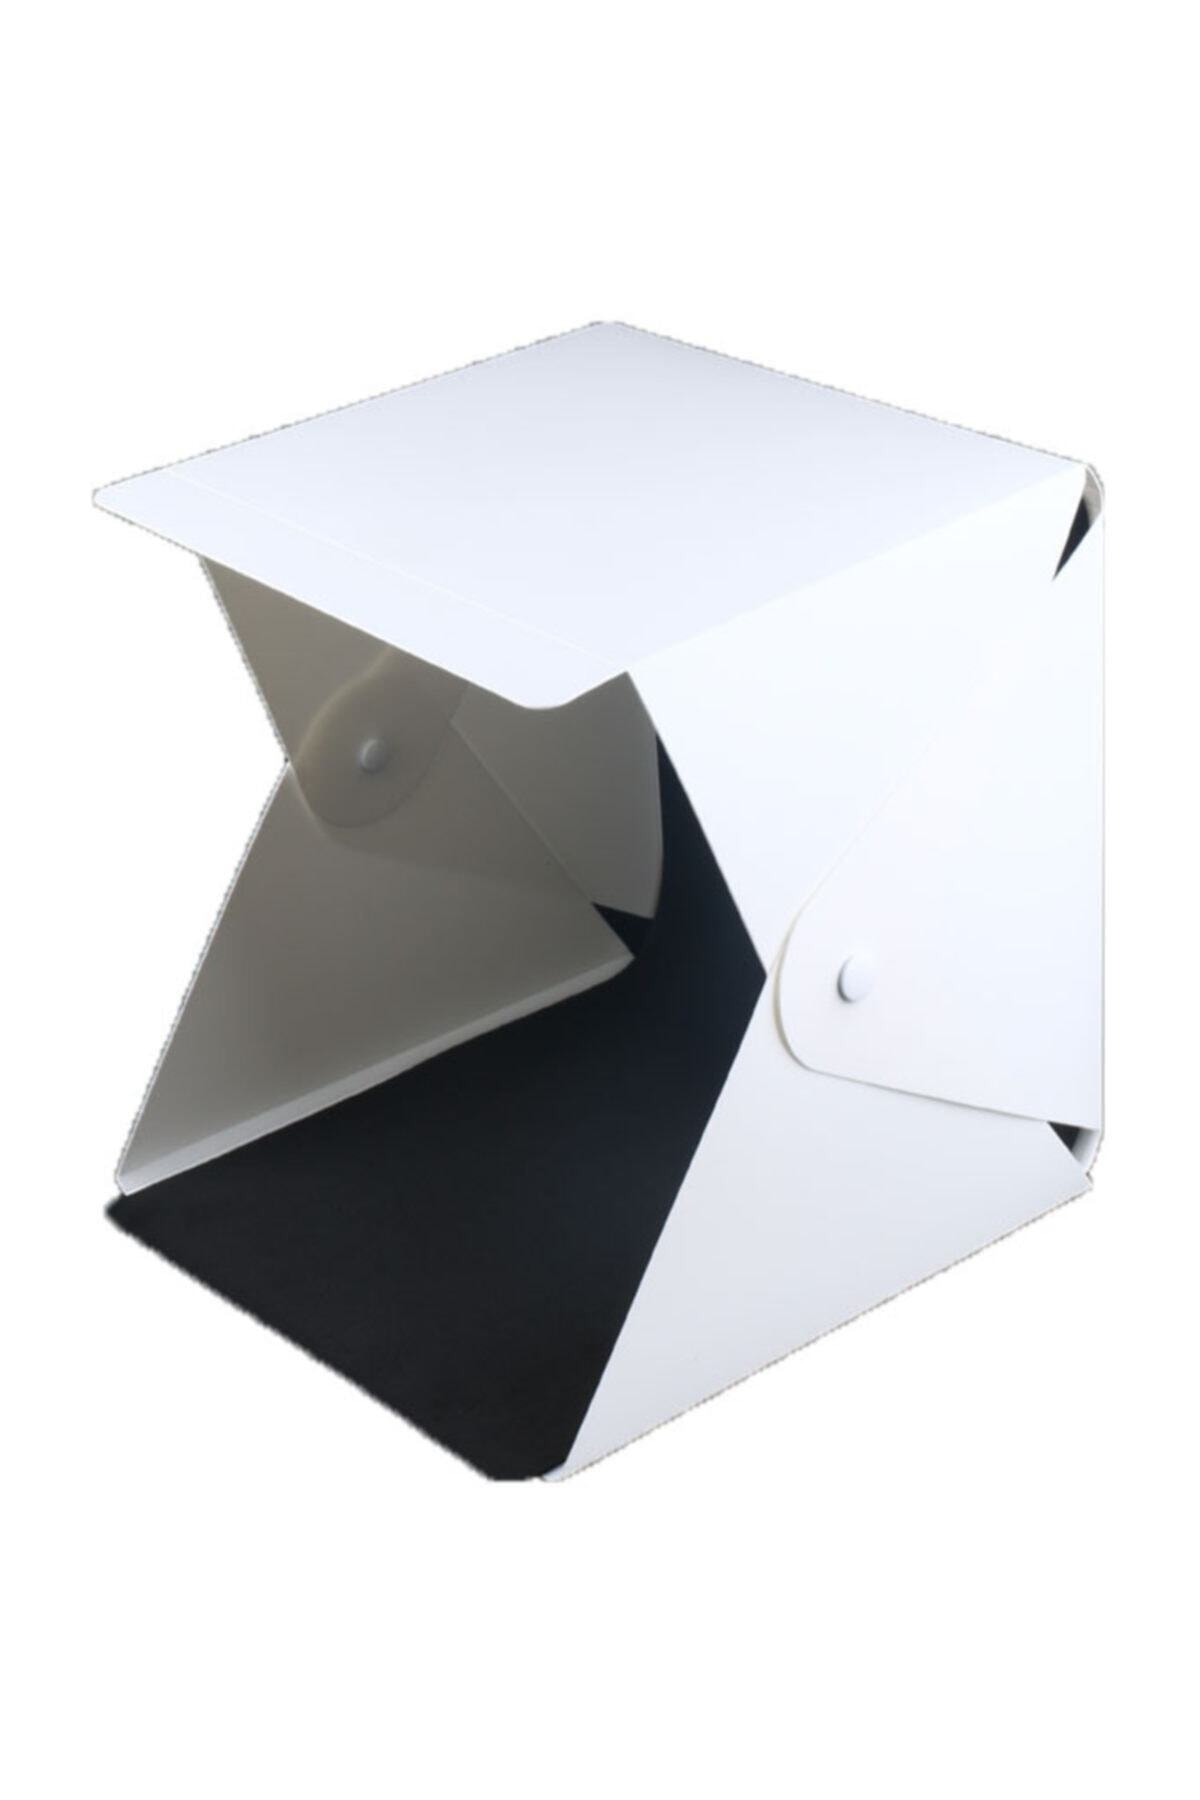 Vision Portatif Işıklı Ürün Fotograf Çekim Çadırı 22.6*23*24cm 2 Fonlu Siyah-beyaz 2